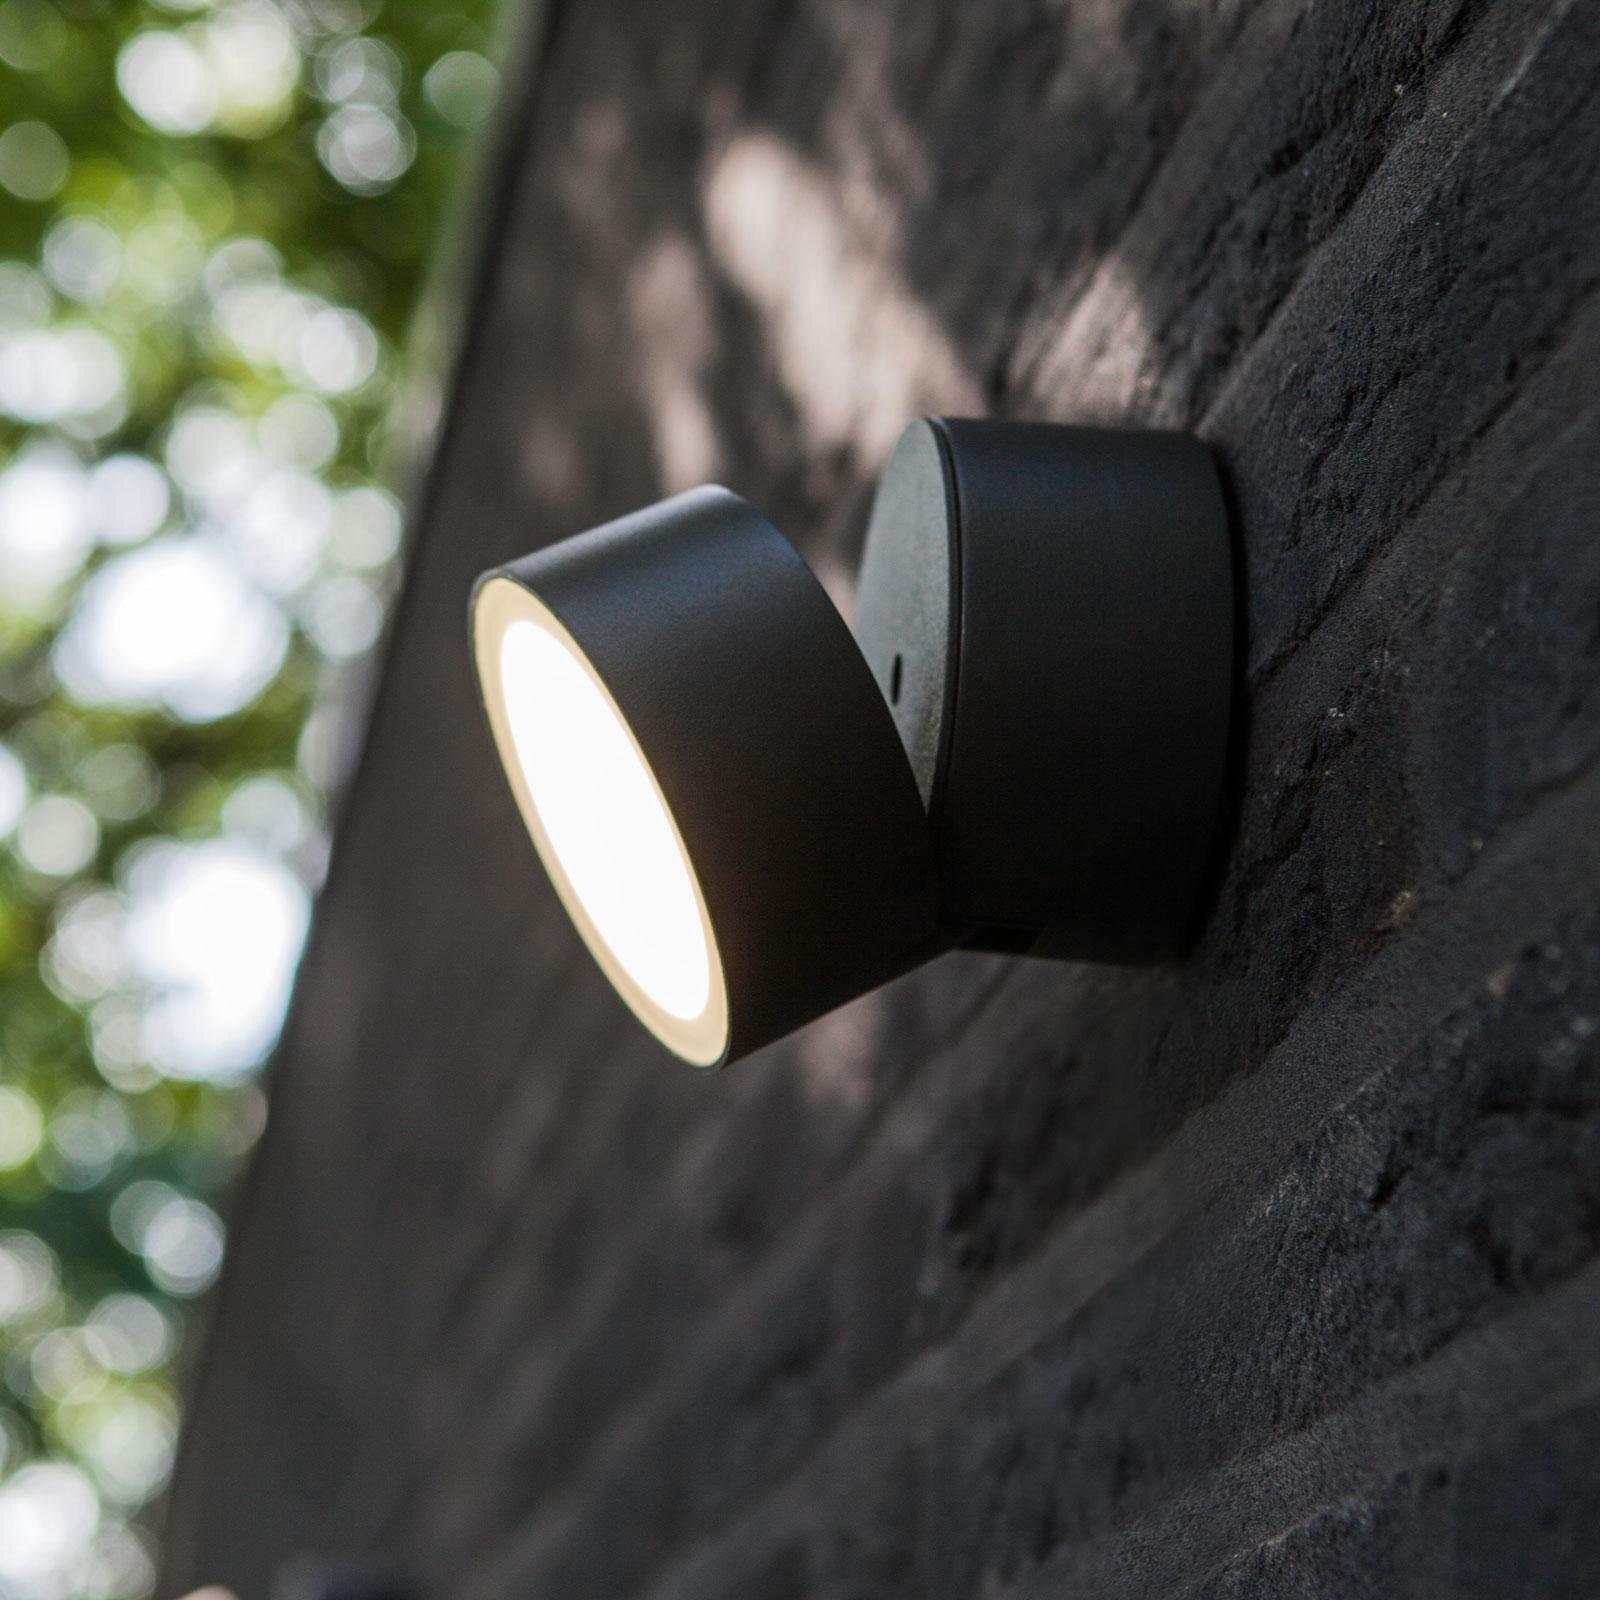 Sklopné venkovní nástěnné LED svítidlo Trumpet